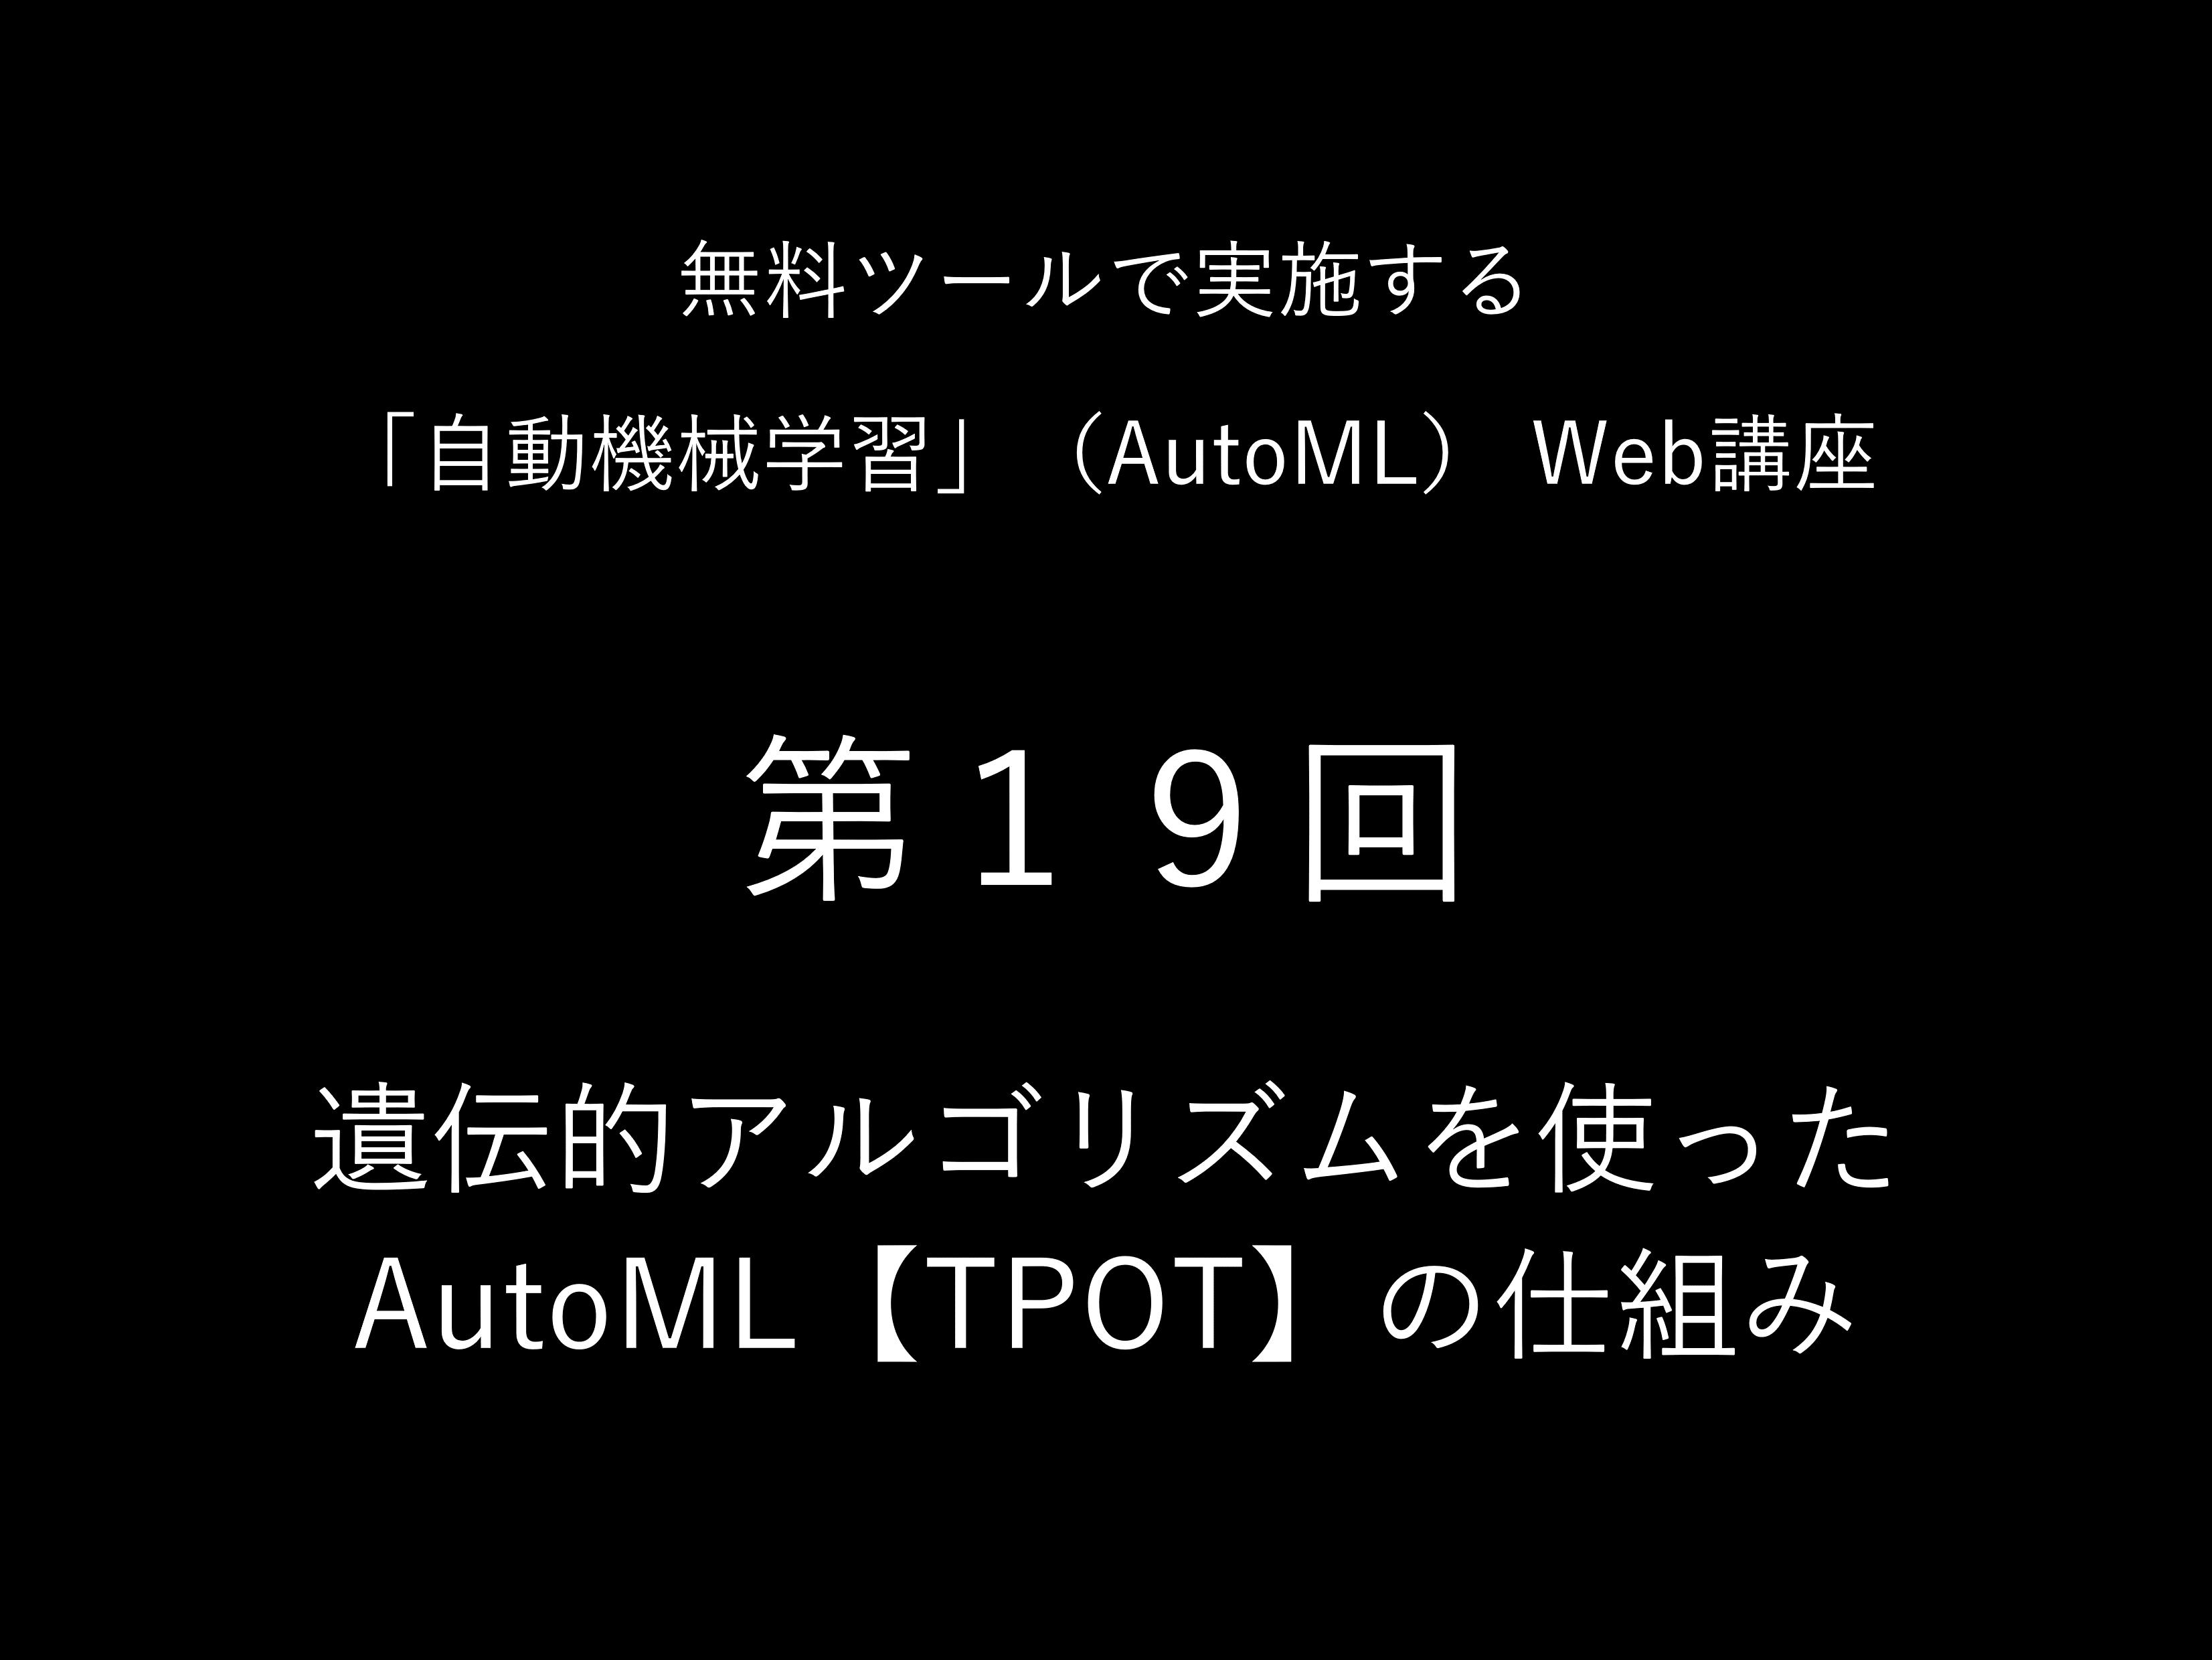 遺伝的アルゴリズムを使った<br>AutoML【TPOT】の仕組み